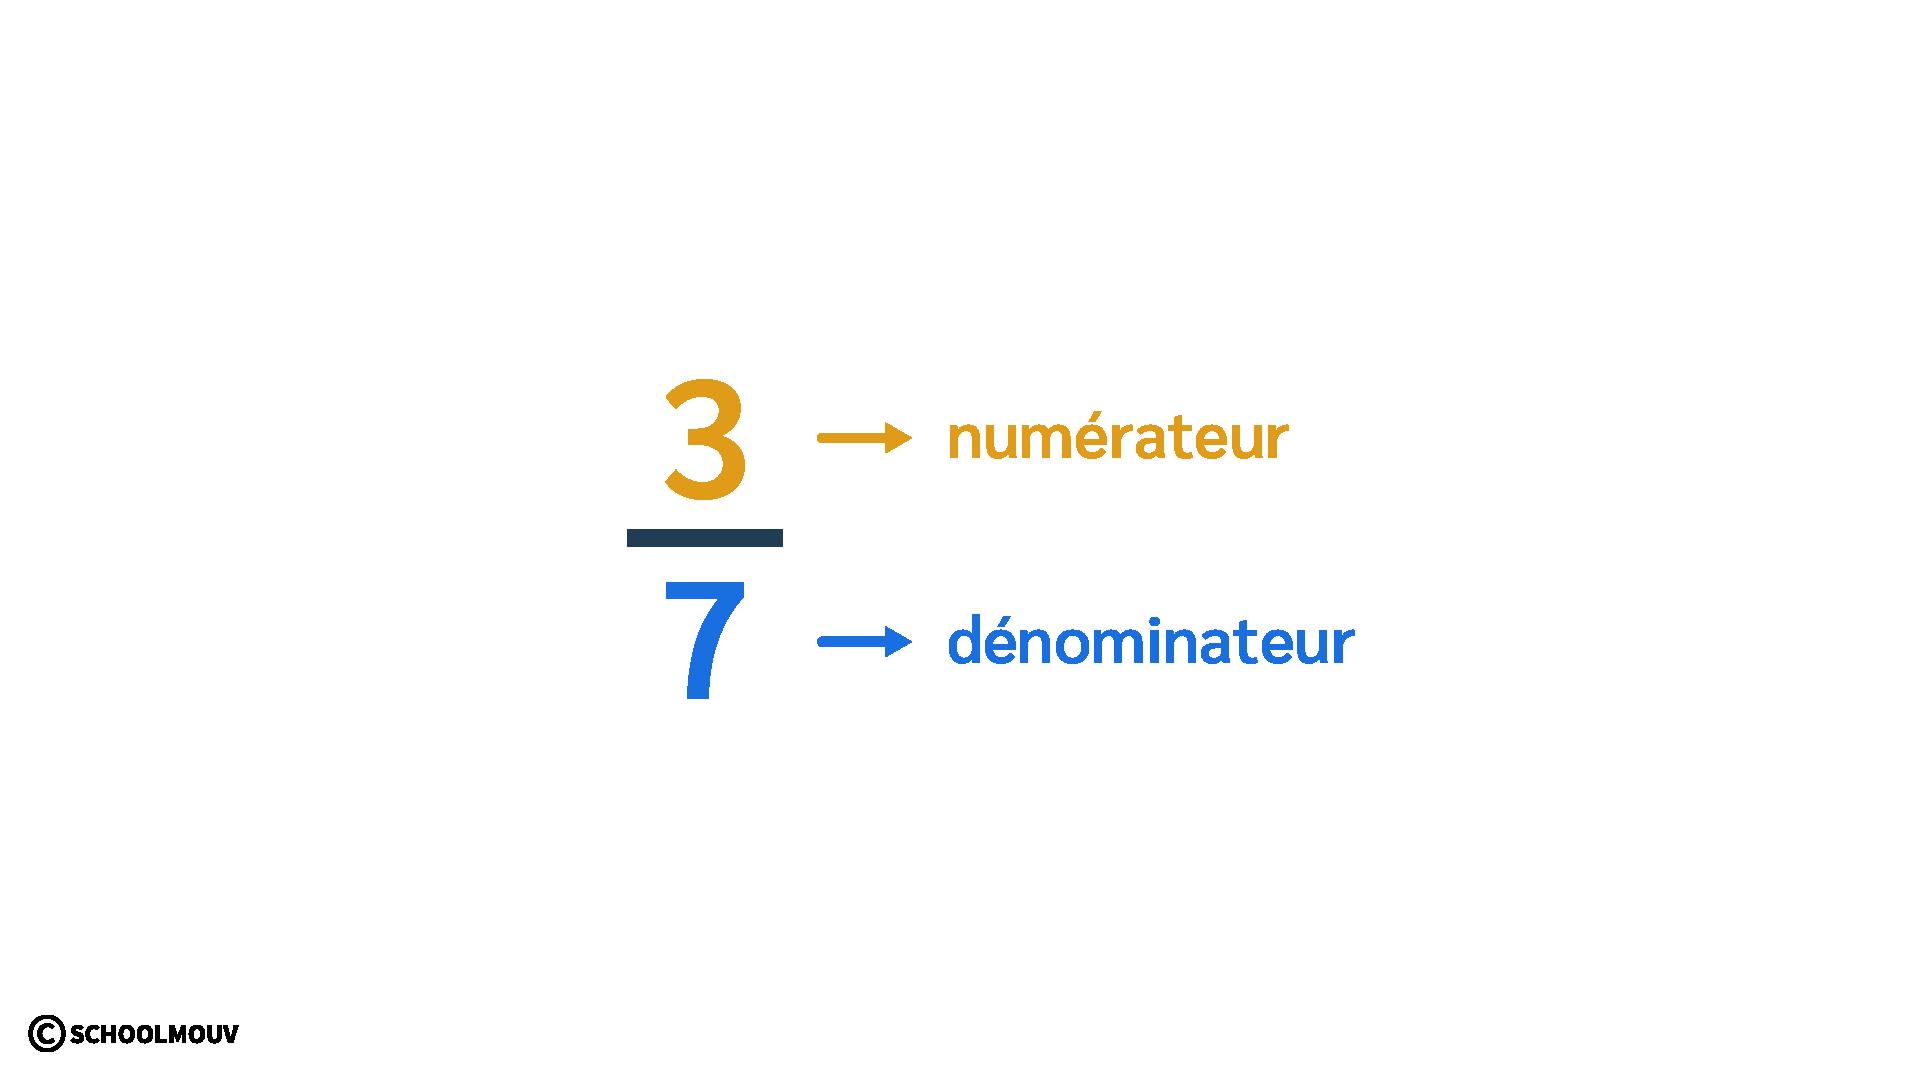 primaire cm1 mathématiques découvrir les fractions numérateur dénominateur